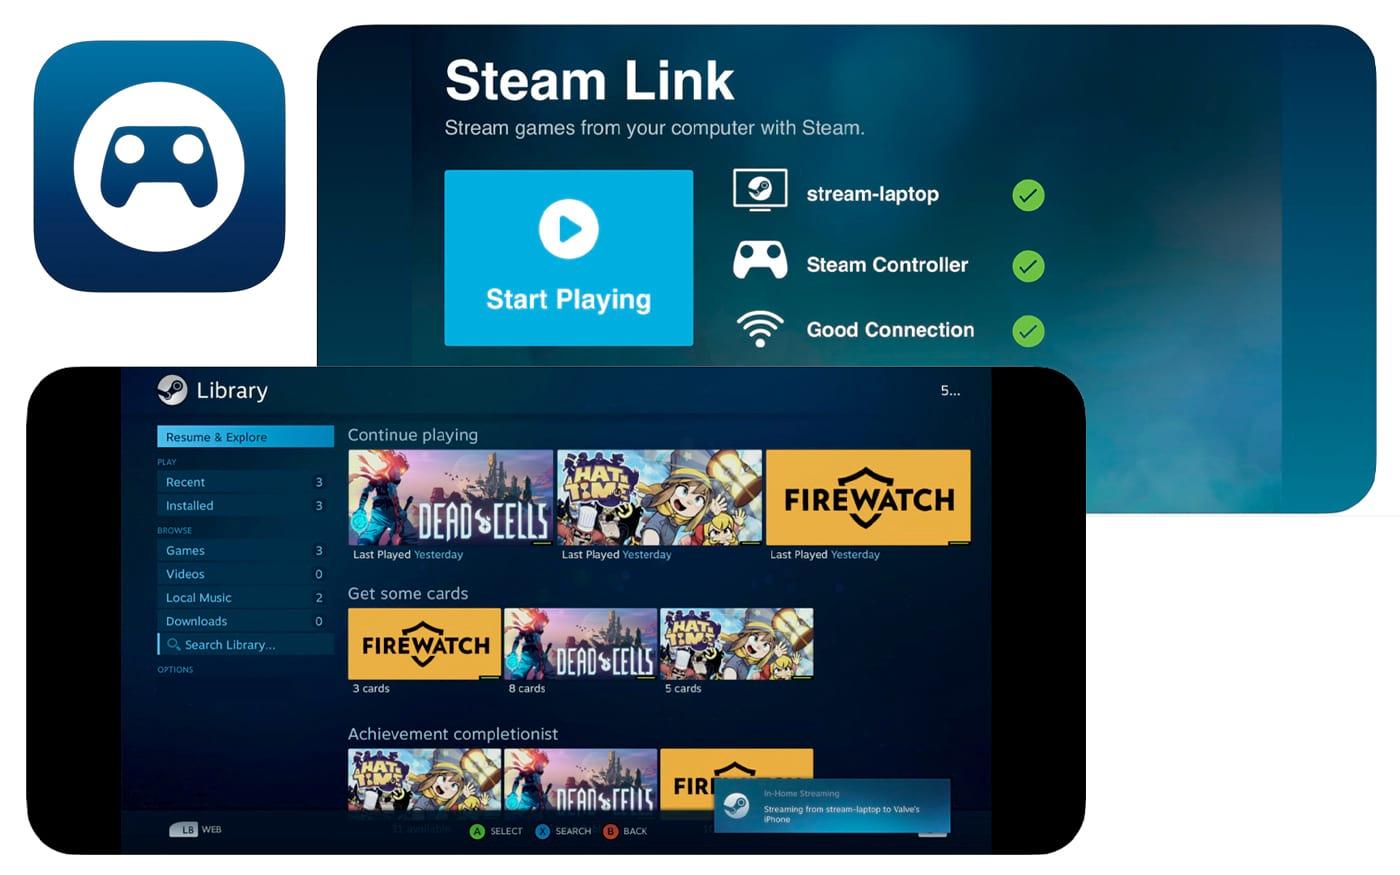 Aplicativo Steam Link recebe atualização e traz agora suporte para controladores MFi